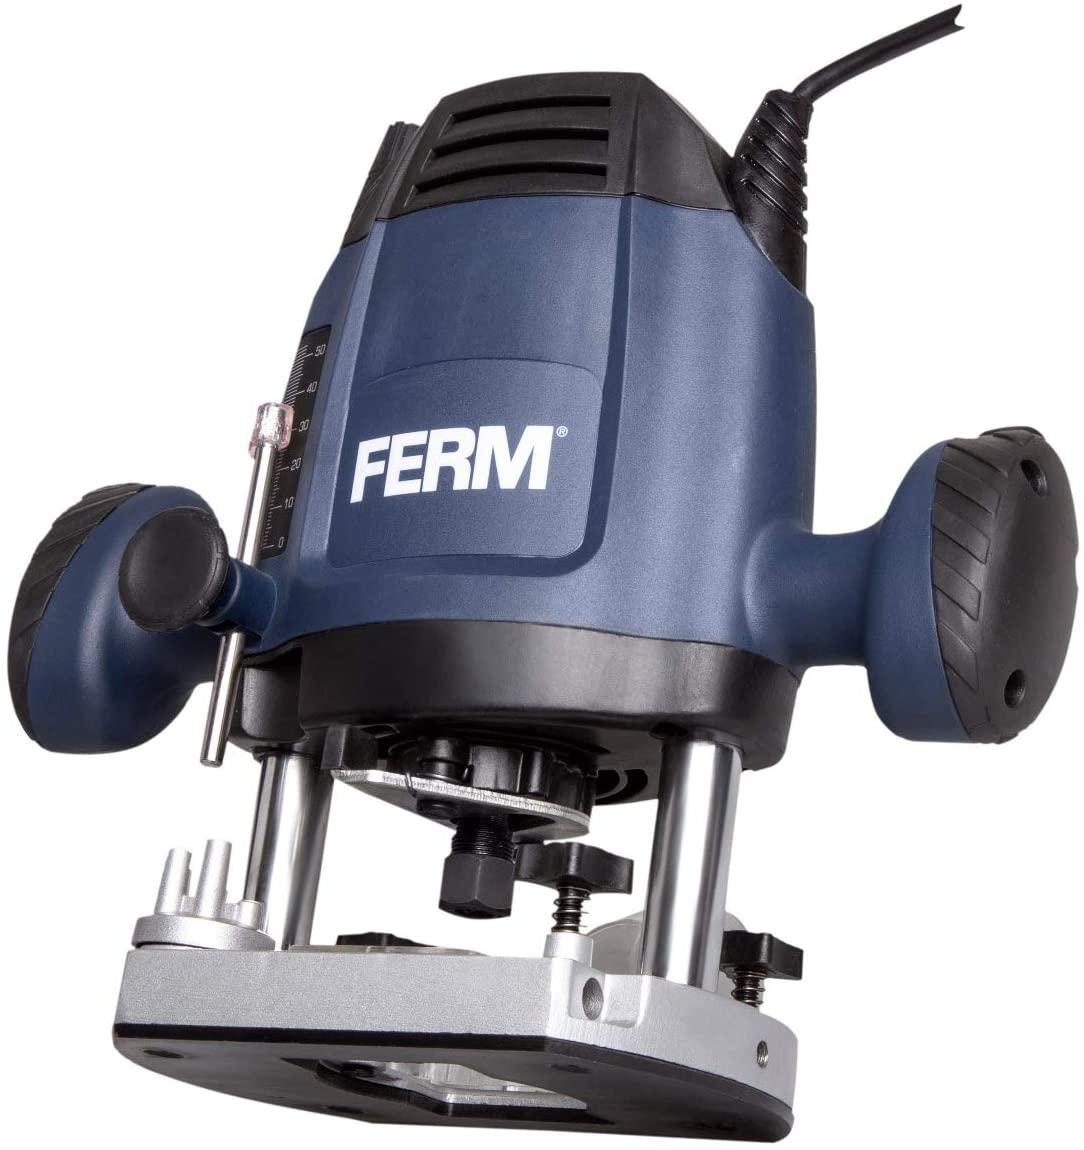 Adaptateur d'aspiration FERM PRM1021